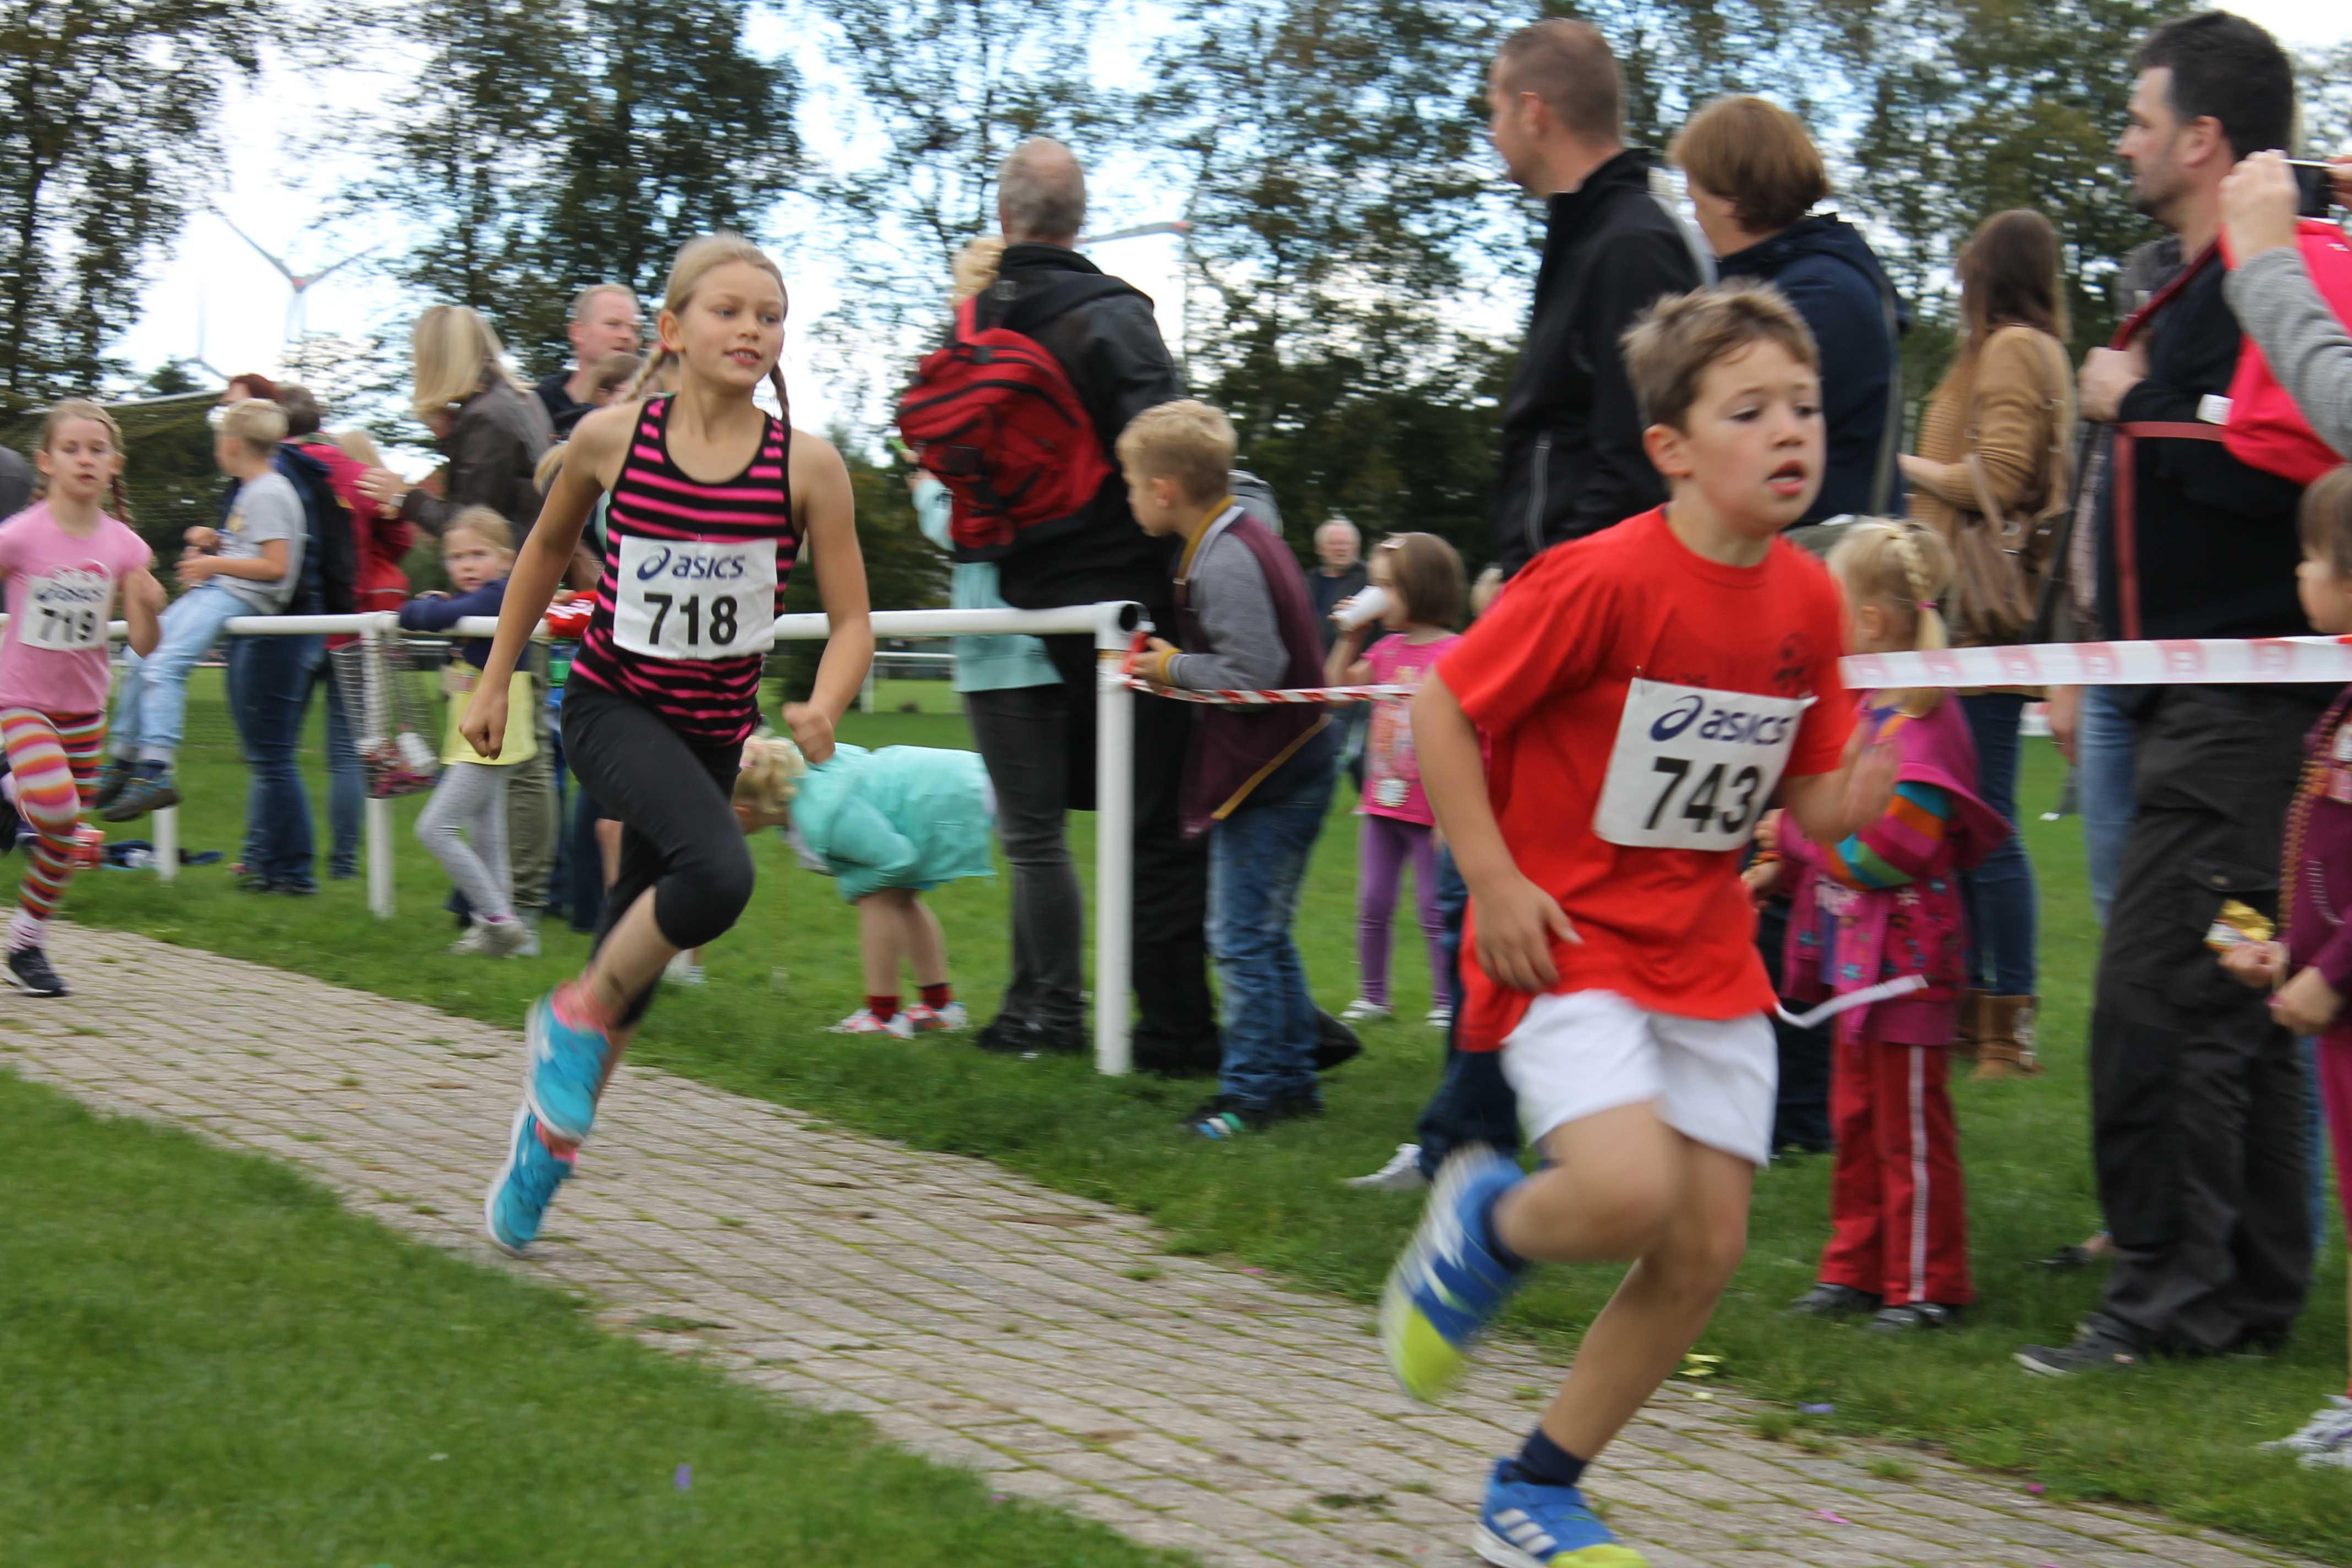 2015-09-26 Vezi Lauf (248)